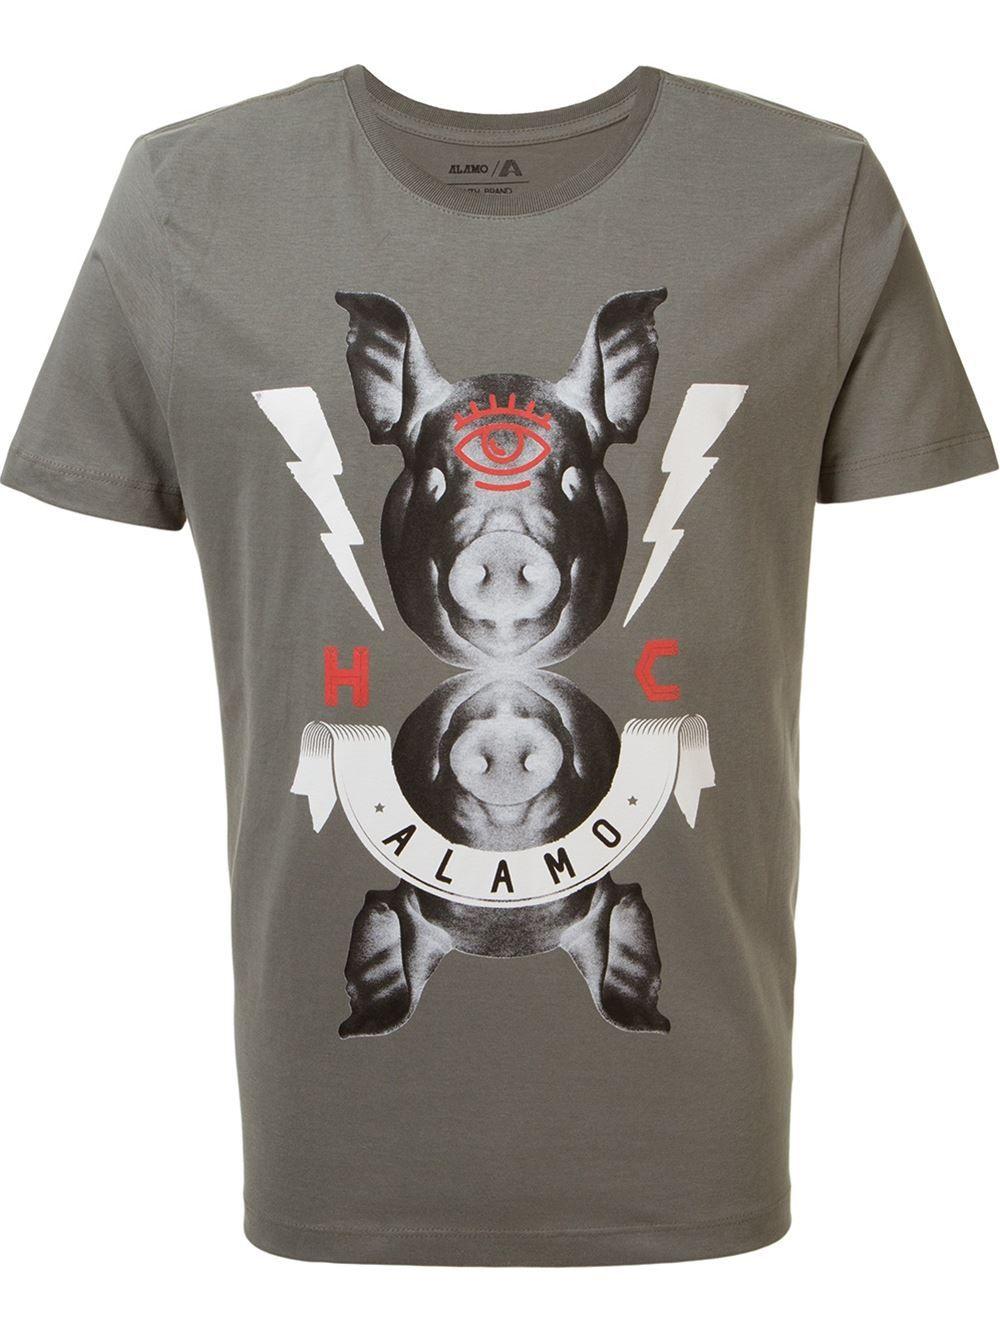 Alamo Camiseta Com Estampa - Linoleum - Farfetch.com. Alamo Camiseta Com  Estampa - Linoleum - Farfetch.com Camisetas Masculinas 8200af55e04